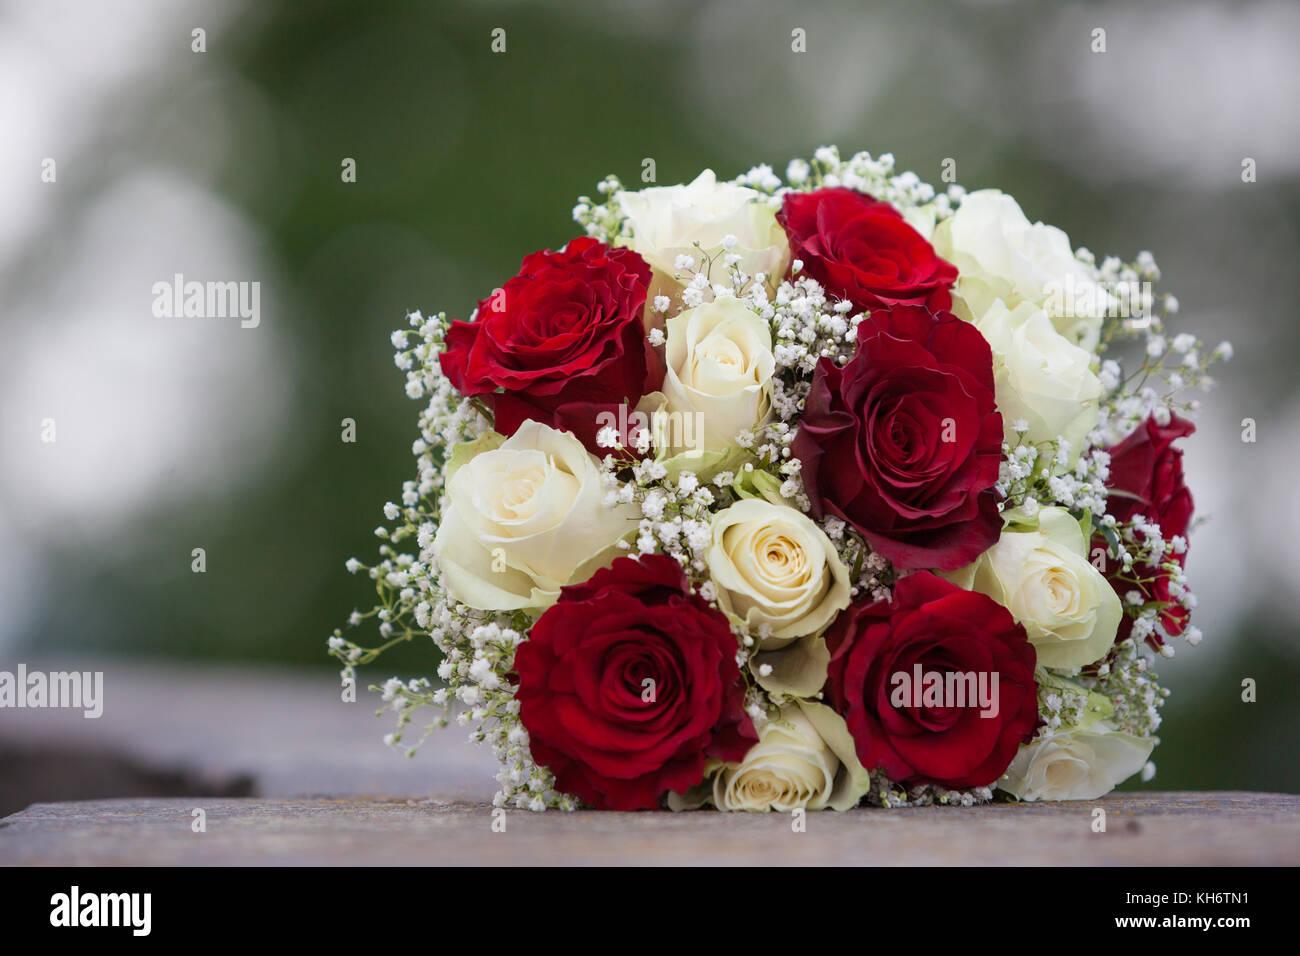 Brautstrauss Weisse Und Rote Rosen Stock Photo 165493581 Alamy